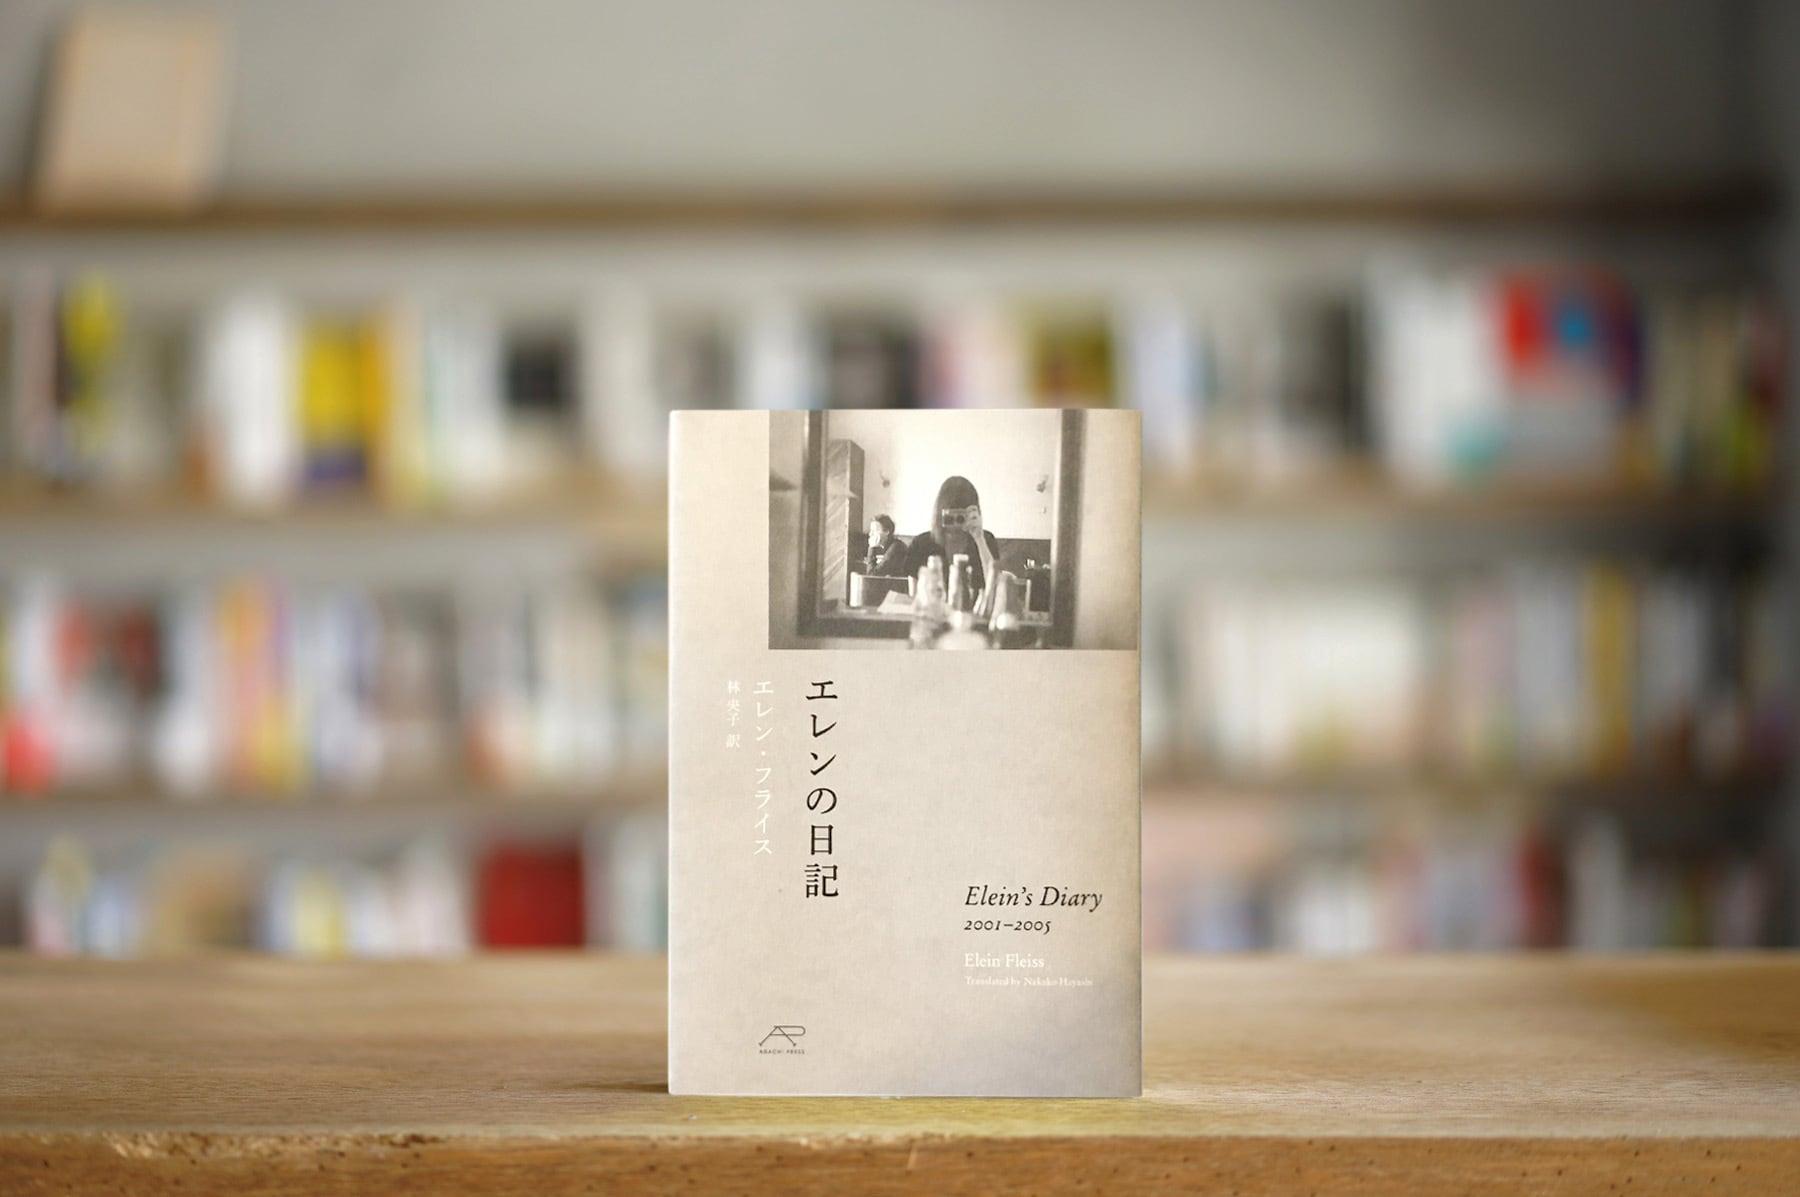 エレン・フライス 訳:林央子 『エレンの日記』 (アダチプレス、2020)